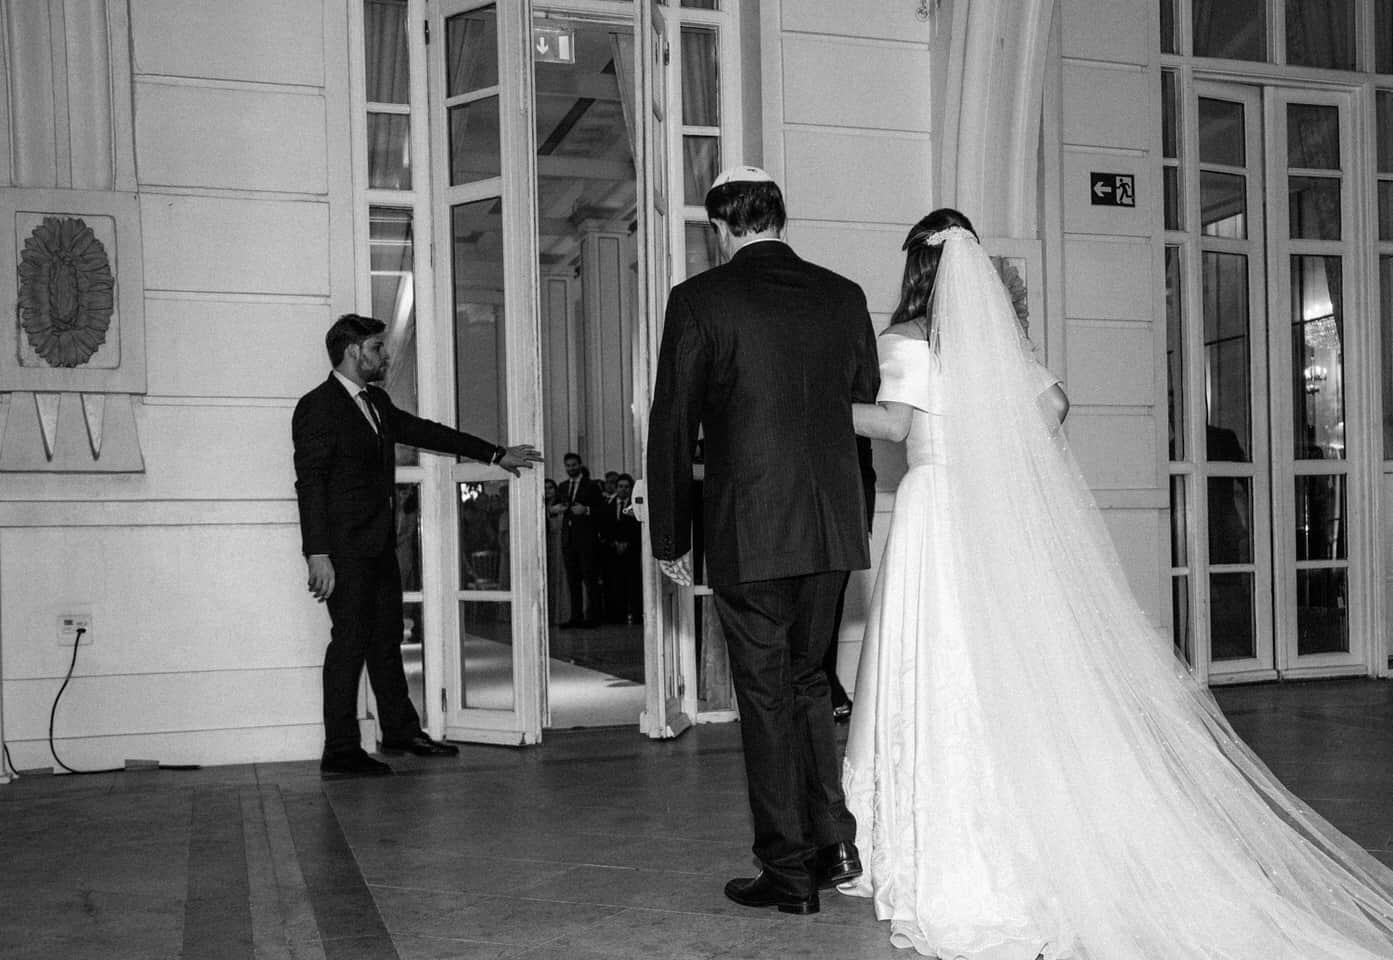 casamento-clássico-casamento-tradicional-casamento-fabiane-e-gustavo-copacabana-palace-rio-de-janeiro-Fotografa-Rodrigo-Sack-55